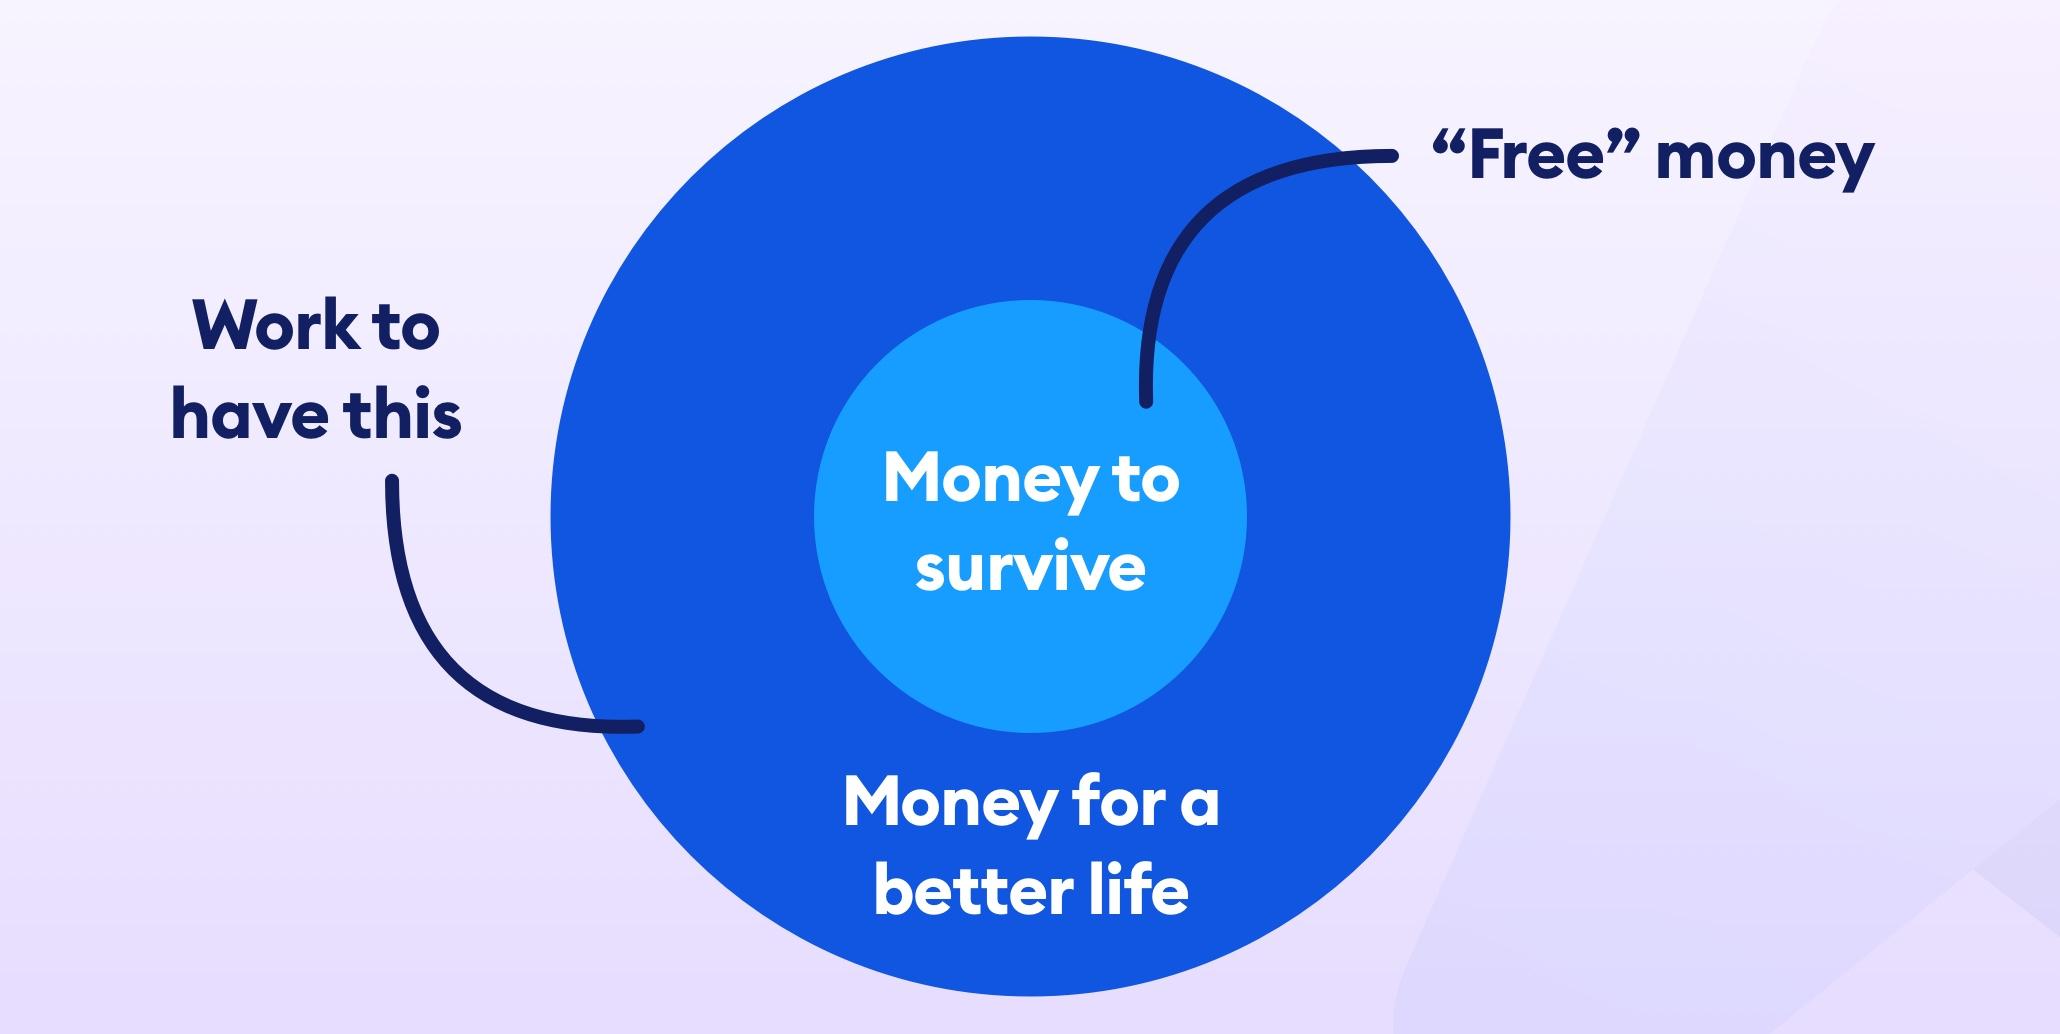 universal basic income chart